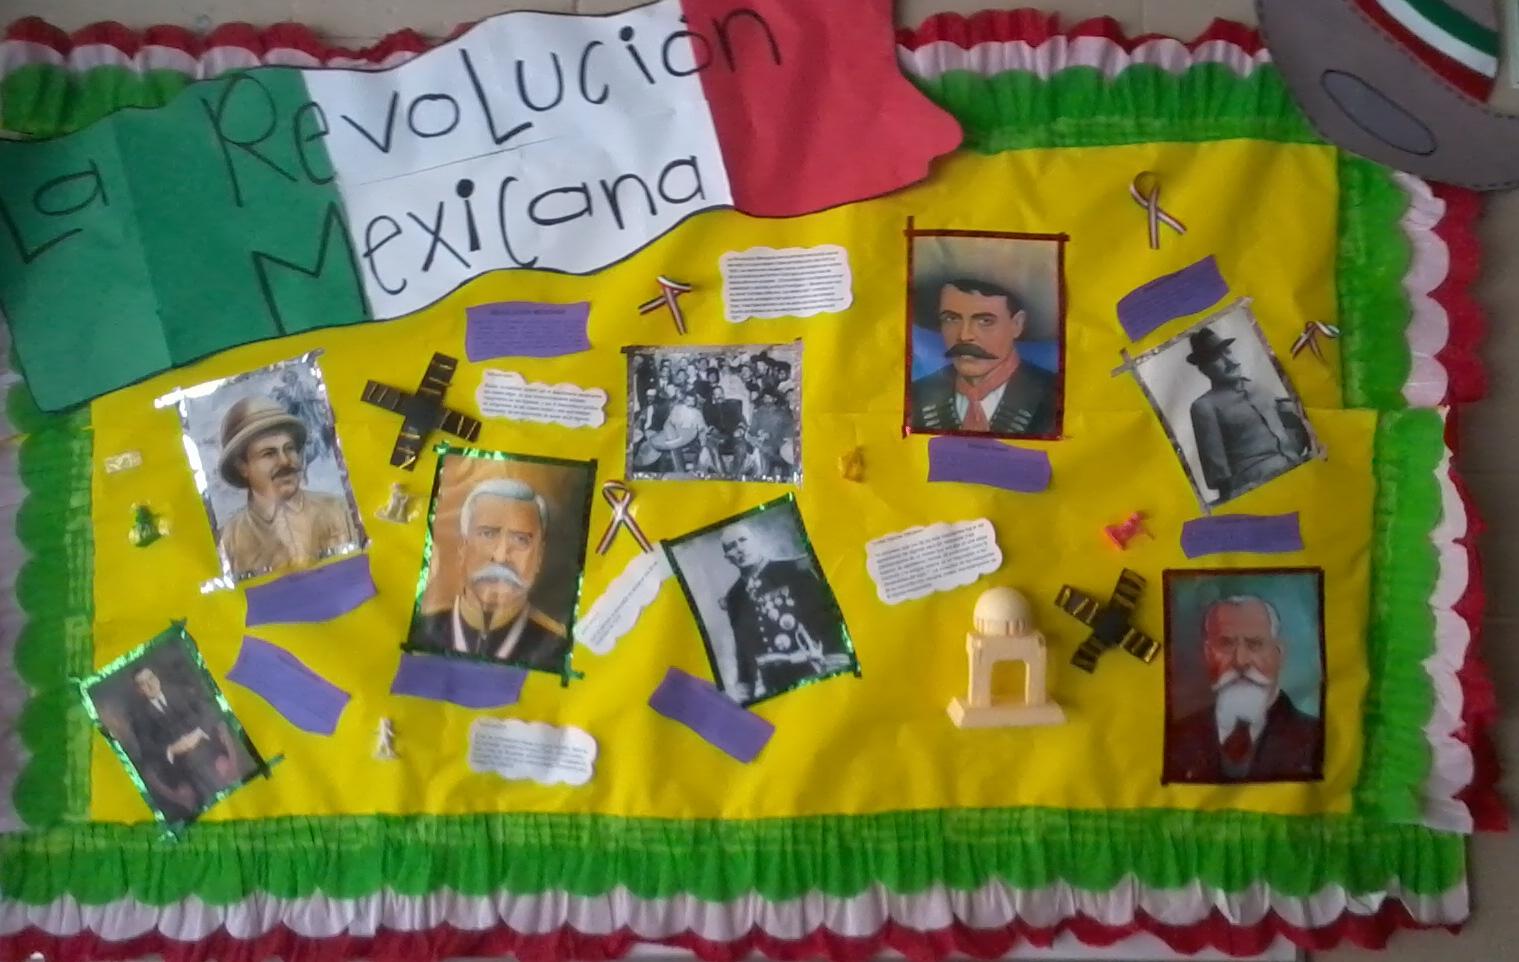 Periodico mural noviembre 9 imagenes educativas for Diario mural en ingles